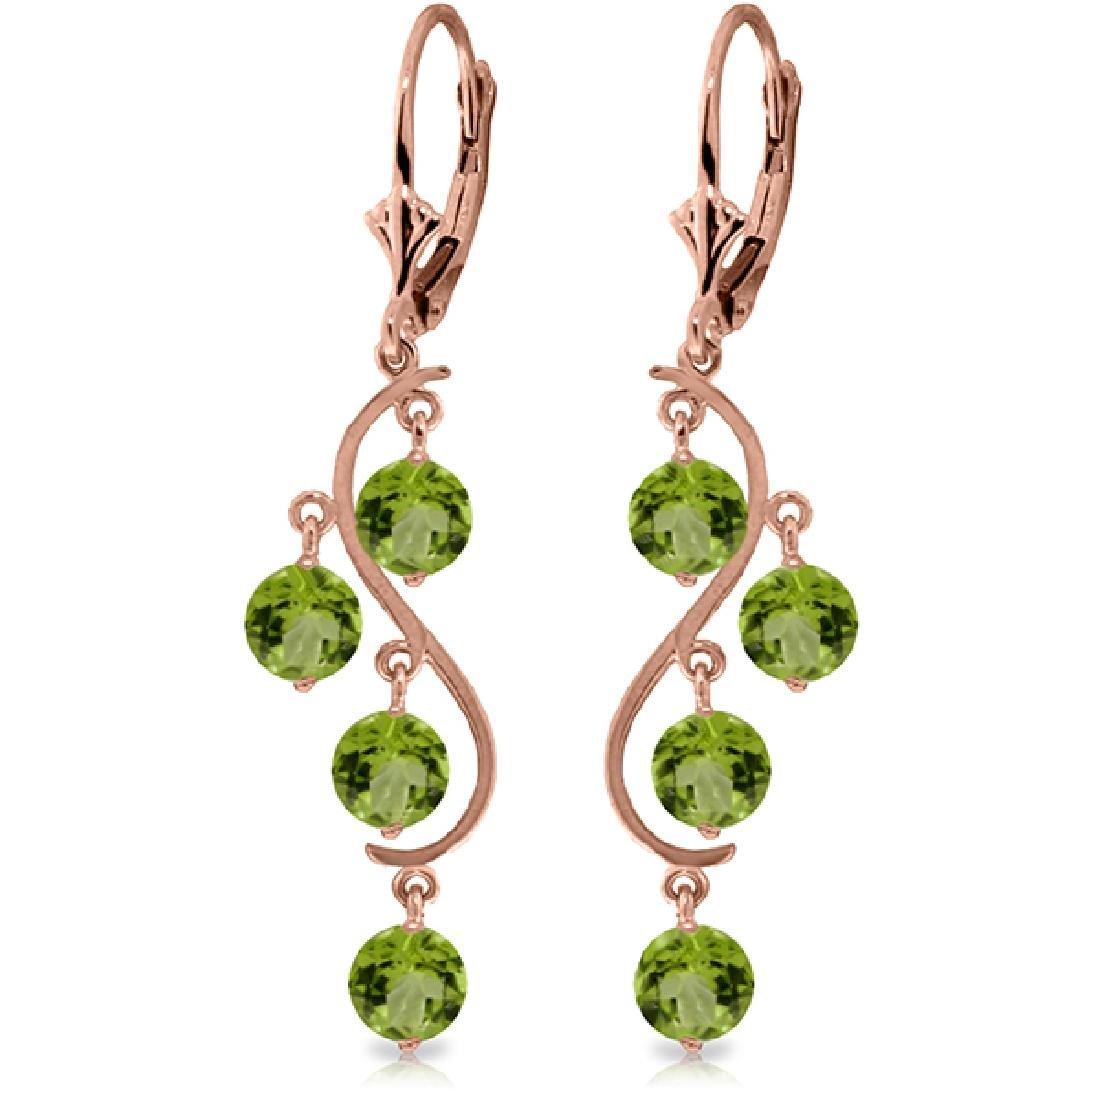 Genuine 4.95 ctw Peridot Earrings Jewelry 14KT Rose